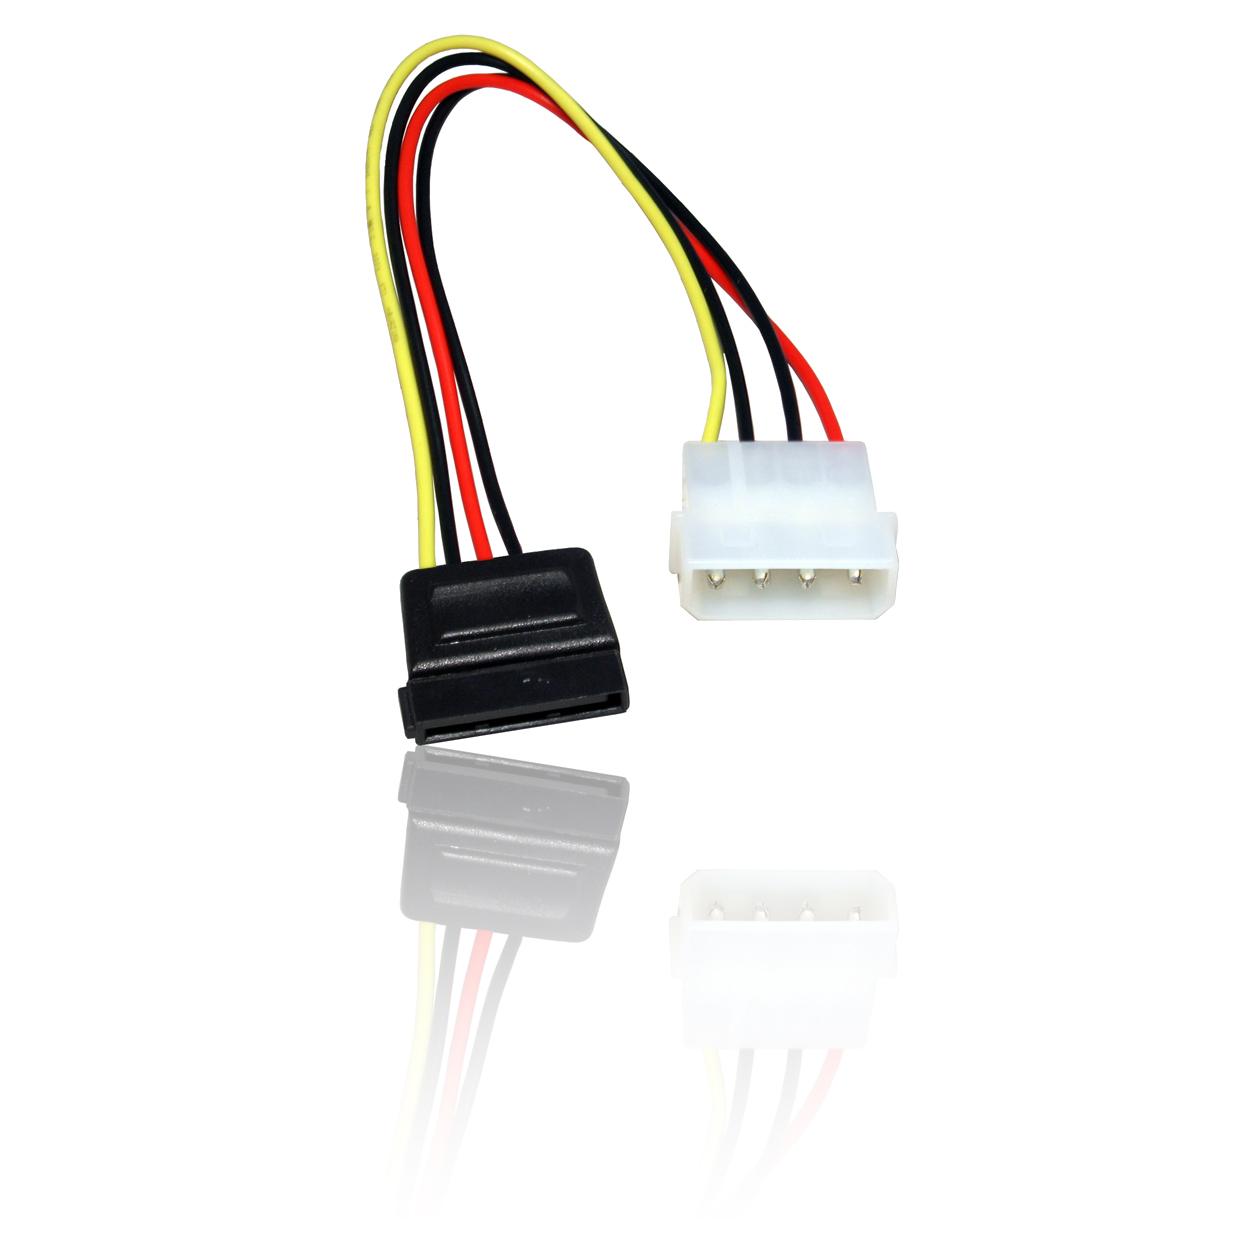 Sata Serial Ata Data Amp Power Hdd Hard Disk Drive Cable